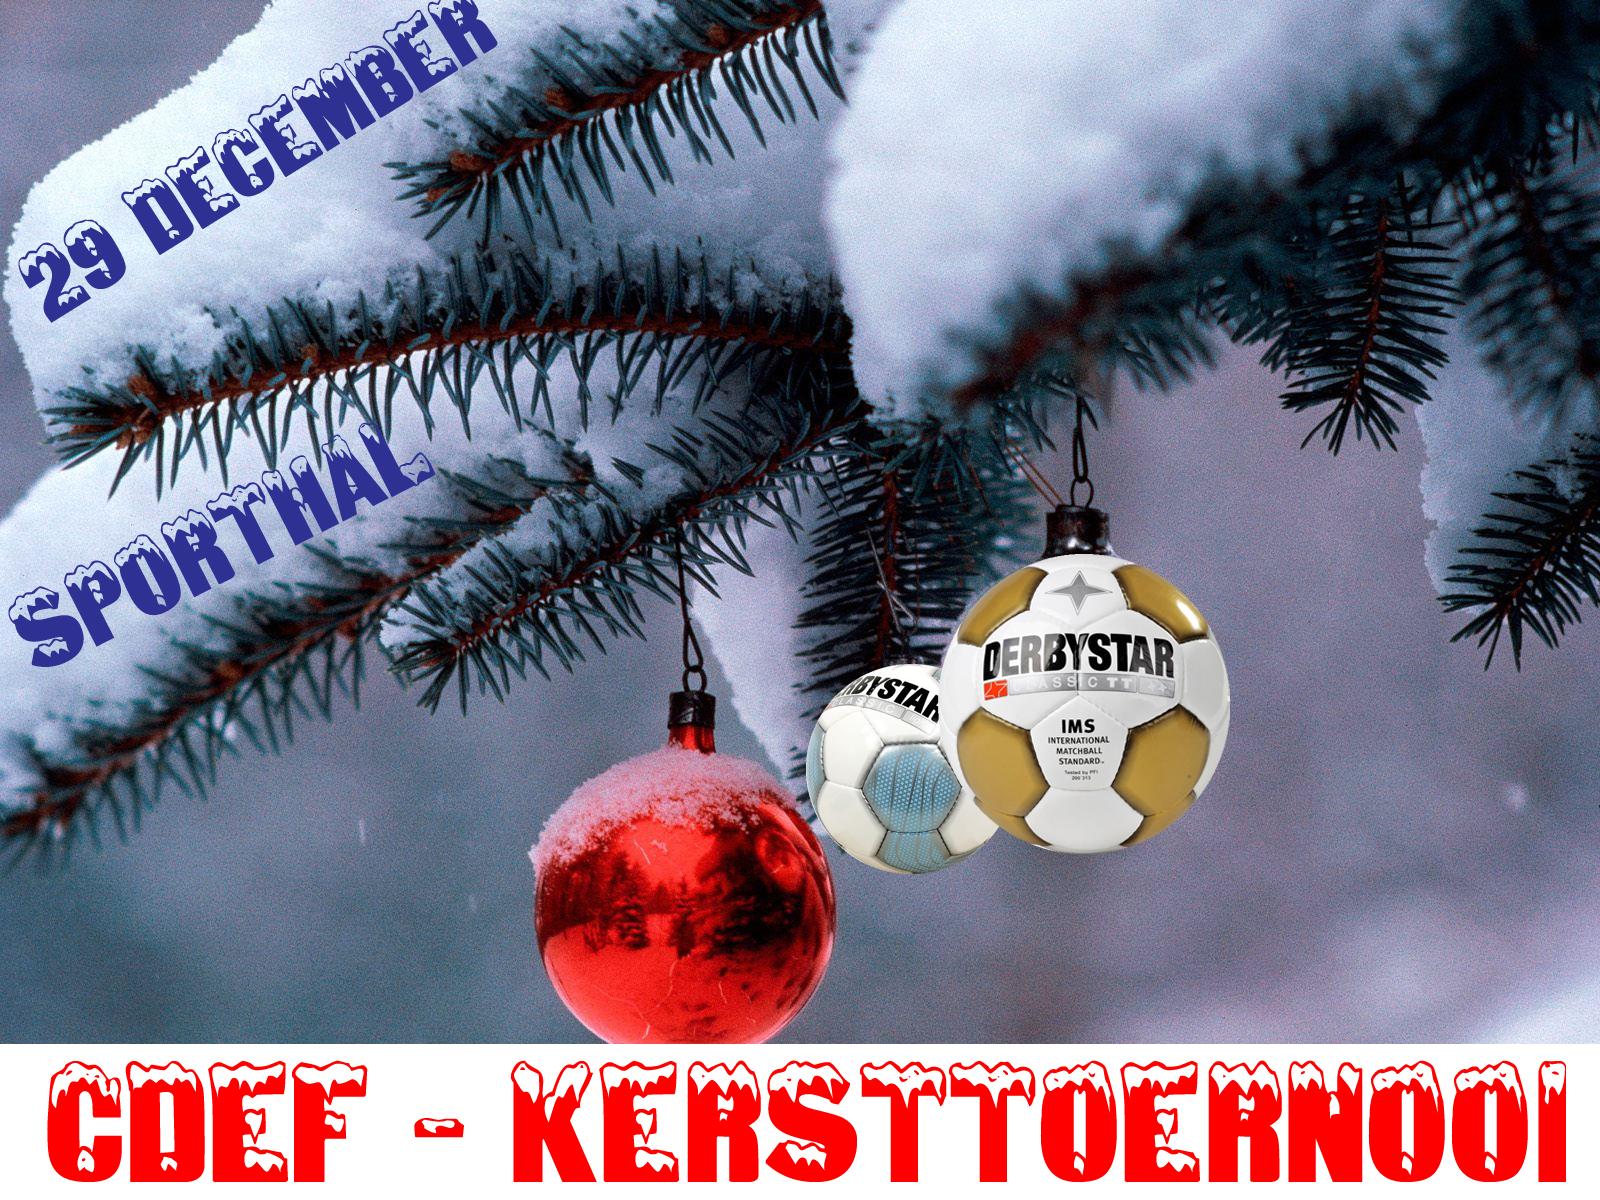 ifc-abmacht-2015-kersttoernooi-XXL